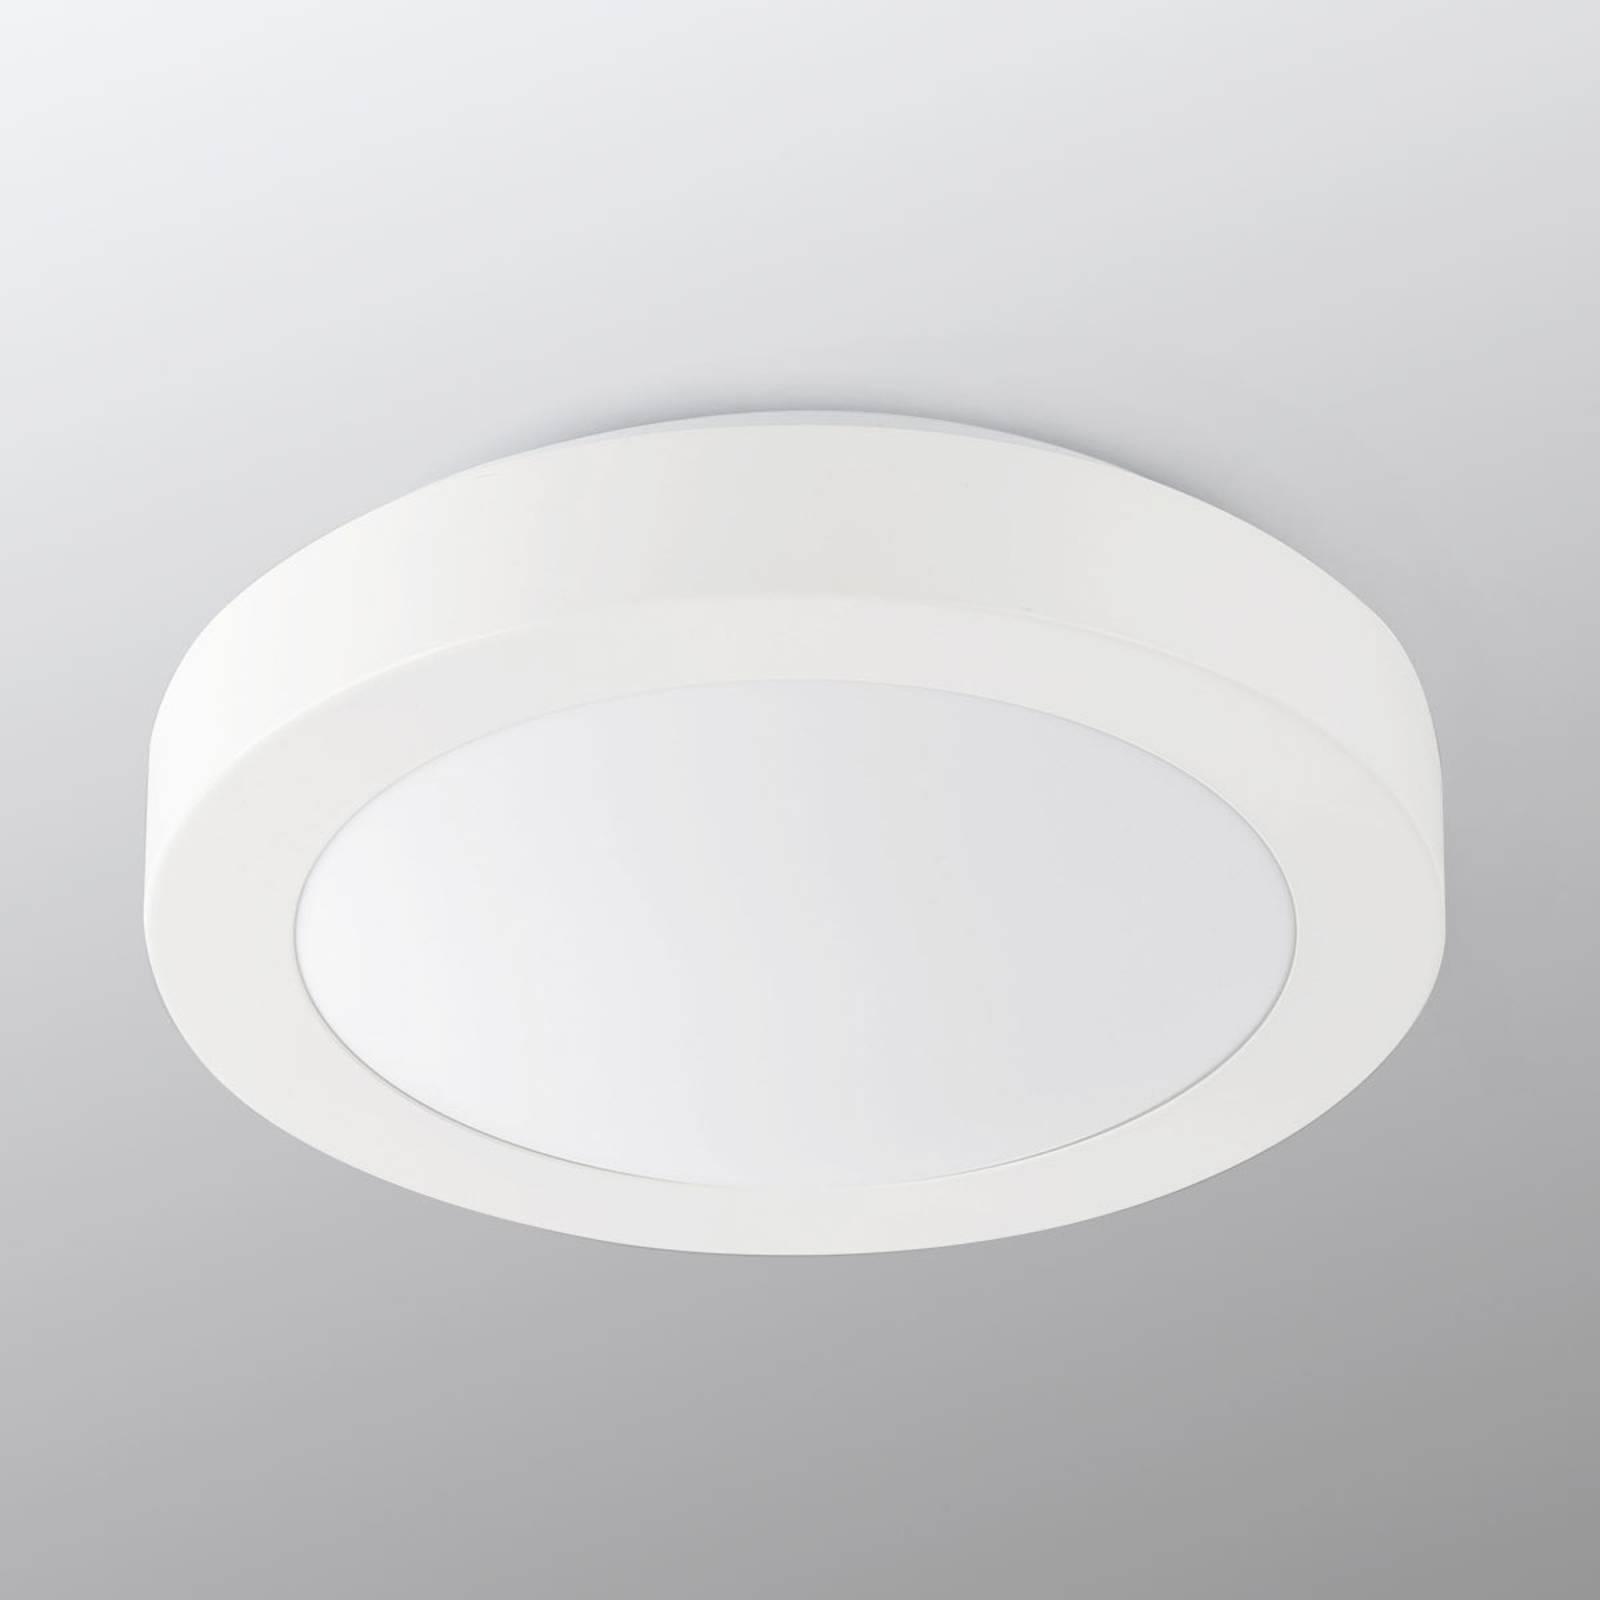 Pyöreä kylpyhuoneen kattovalaisin Logos, Ø 27 cm